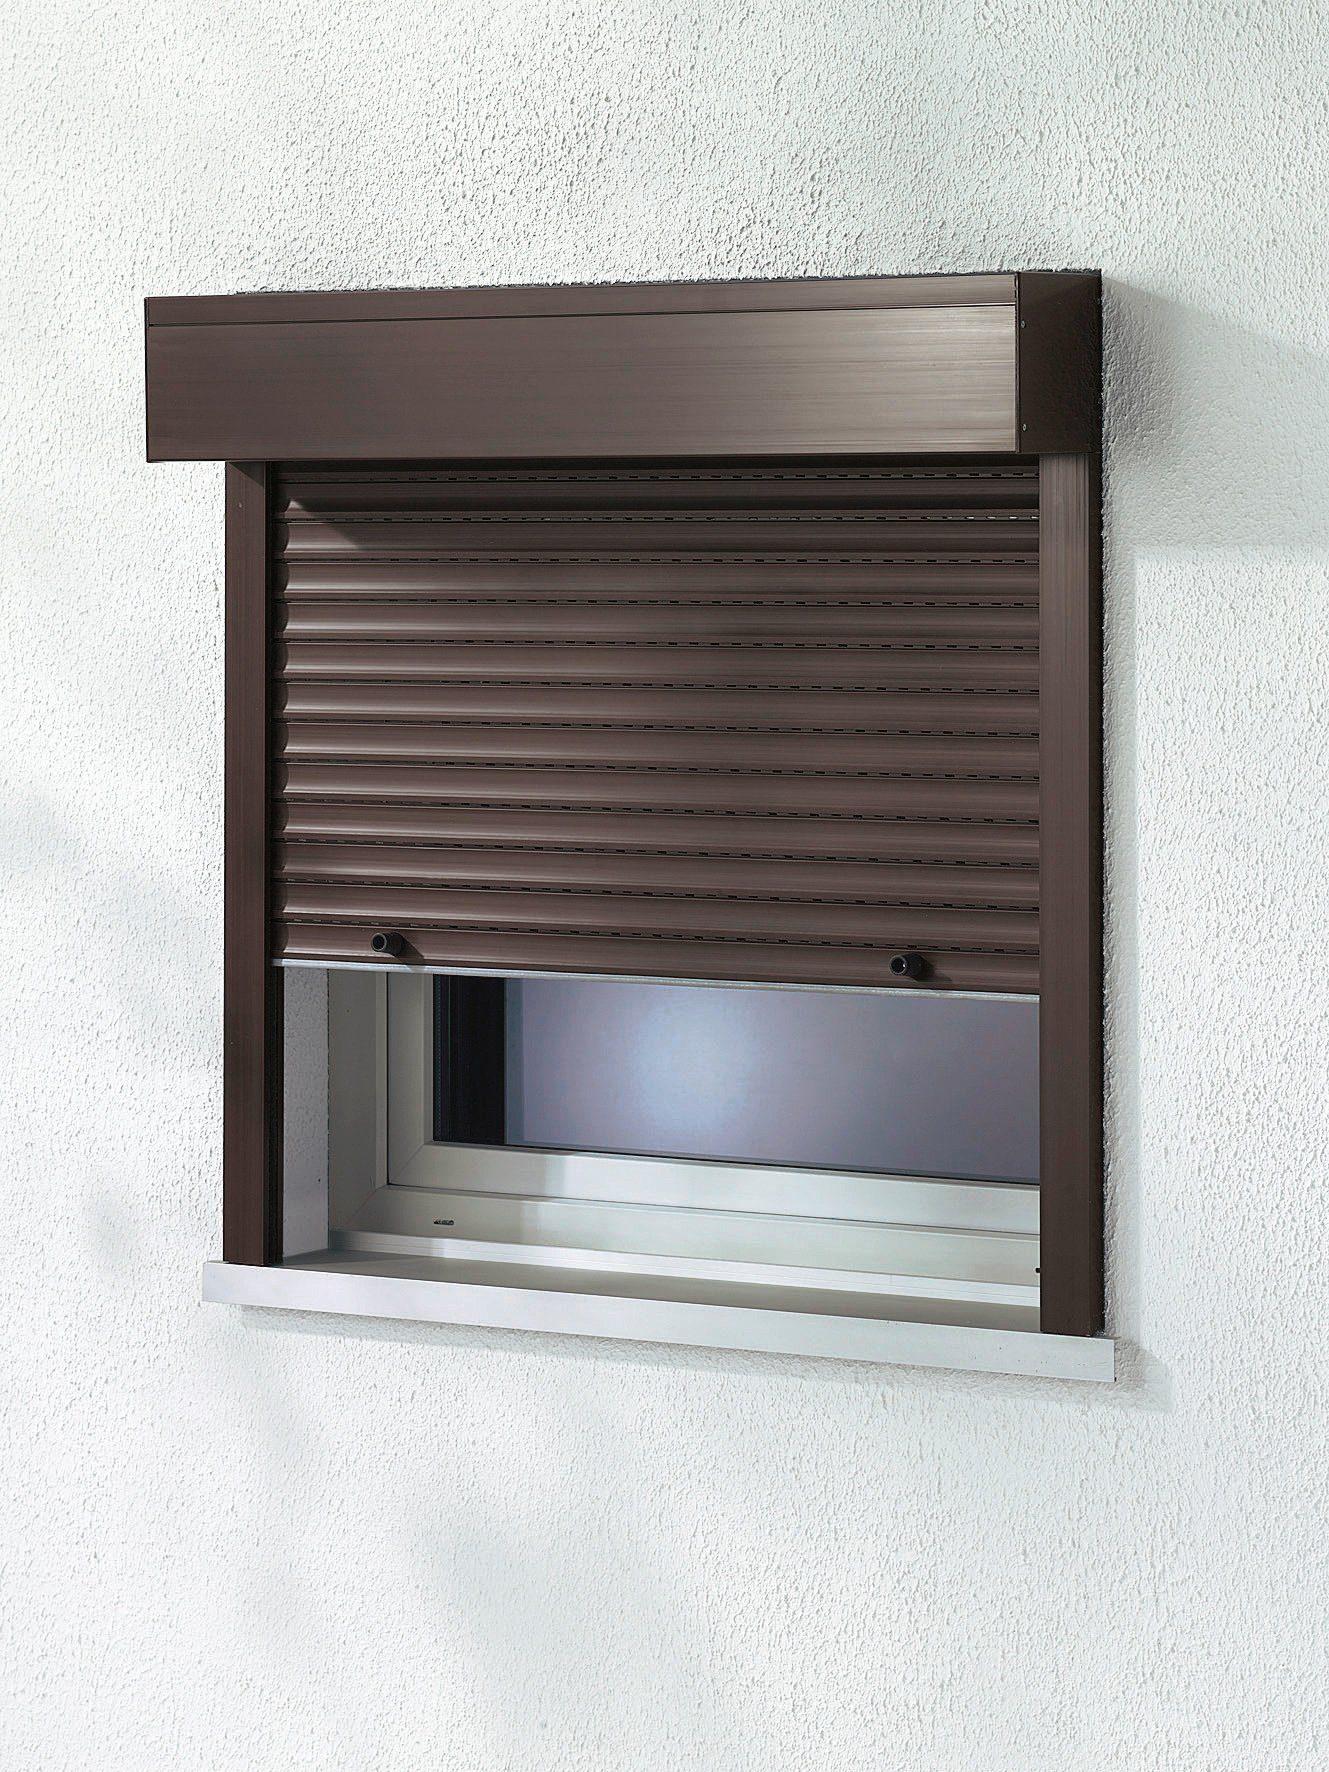 Kunststoff »Vorbau-Rollladen« Sondermaß Breite, Höhe: 160 cm, braun